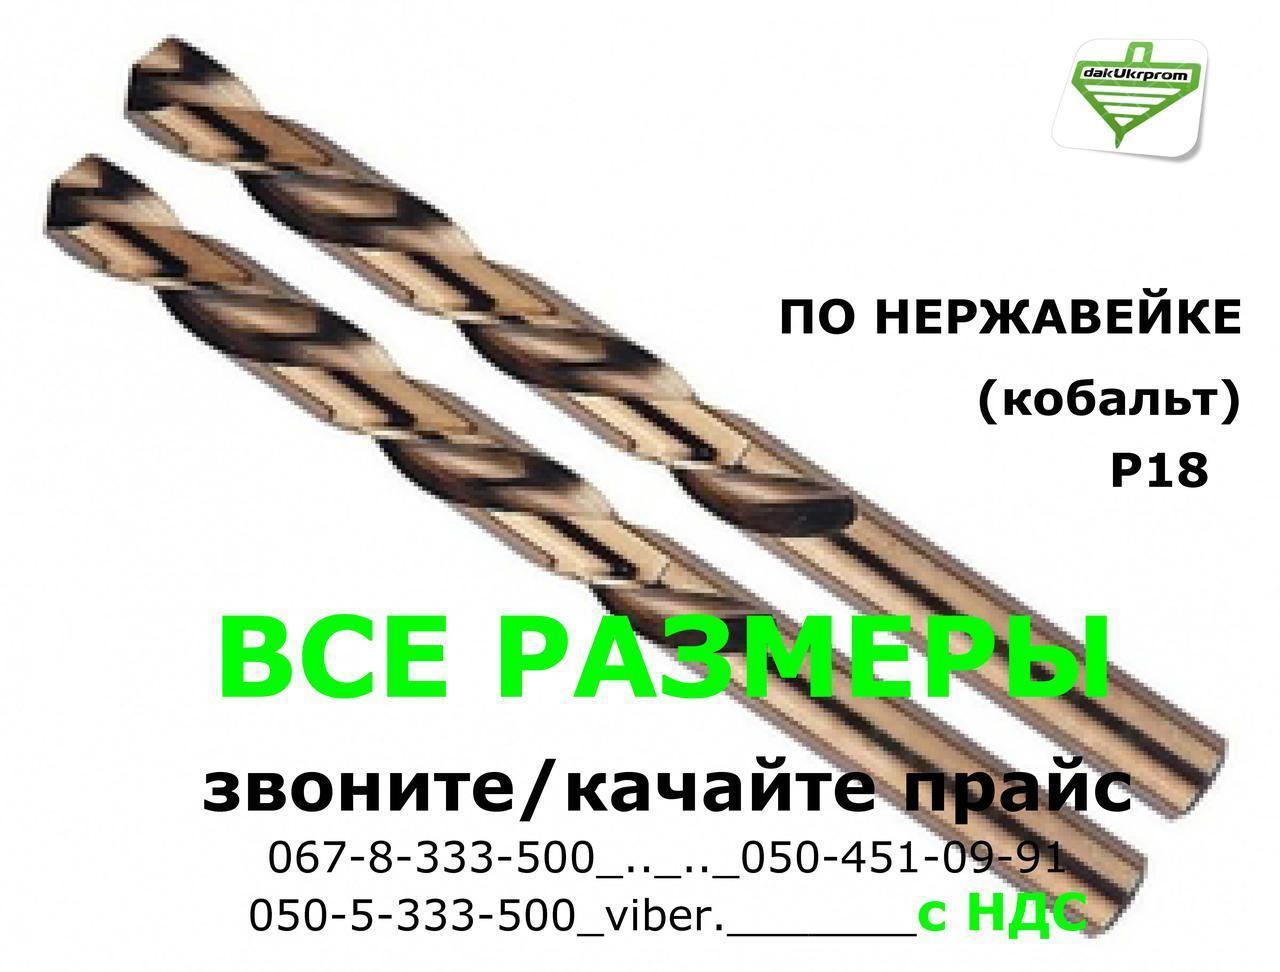 Свердло по нержавіючій сталі Р18 - 4,4 мм, (кобальт) промислового призначення ГОСТ-10902 (DIN338 G-Co)